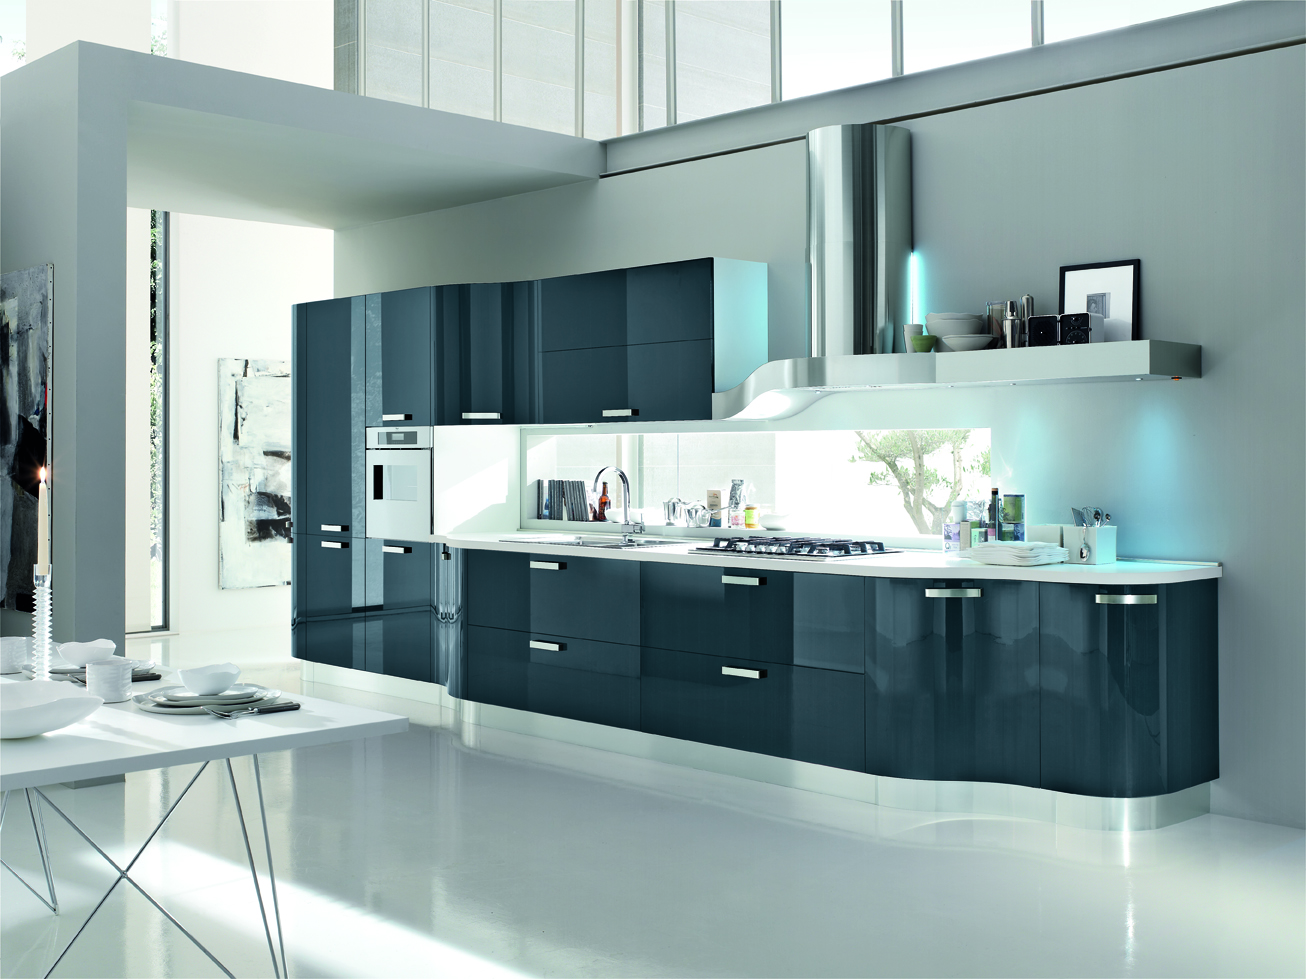 Cucine Moderne Gicinque Cucina Moderna Kristal Di